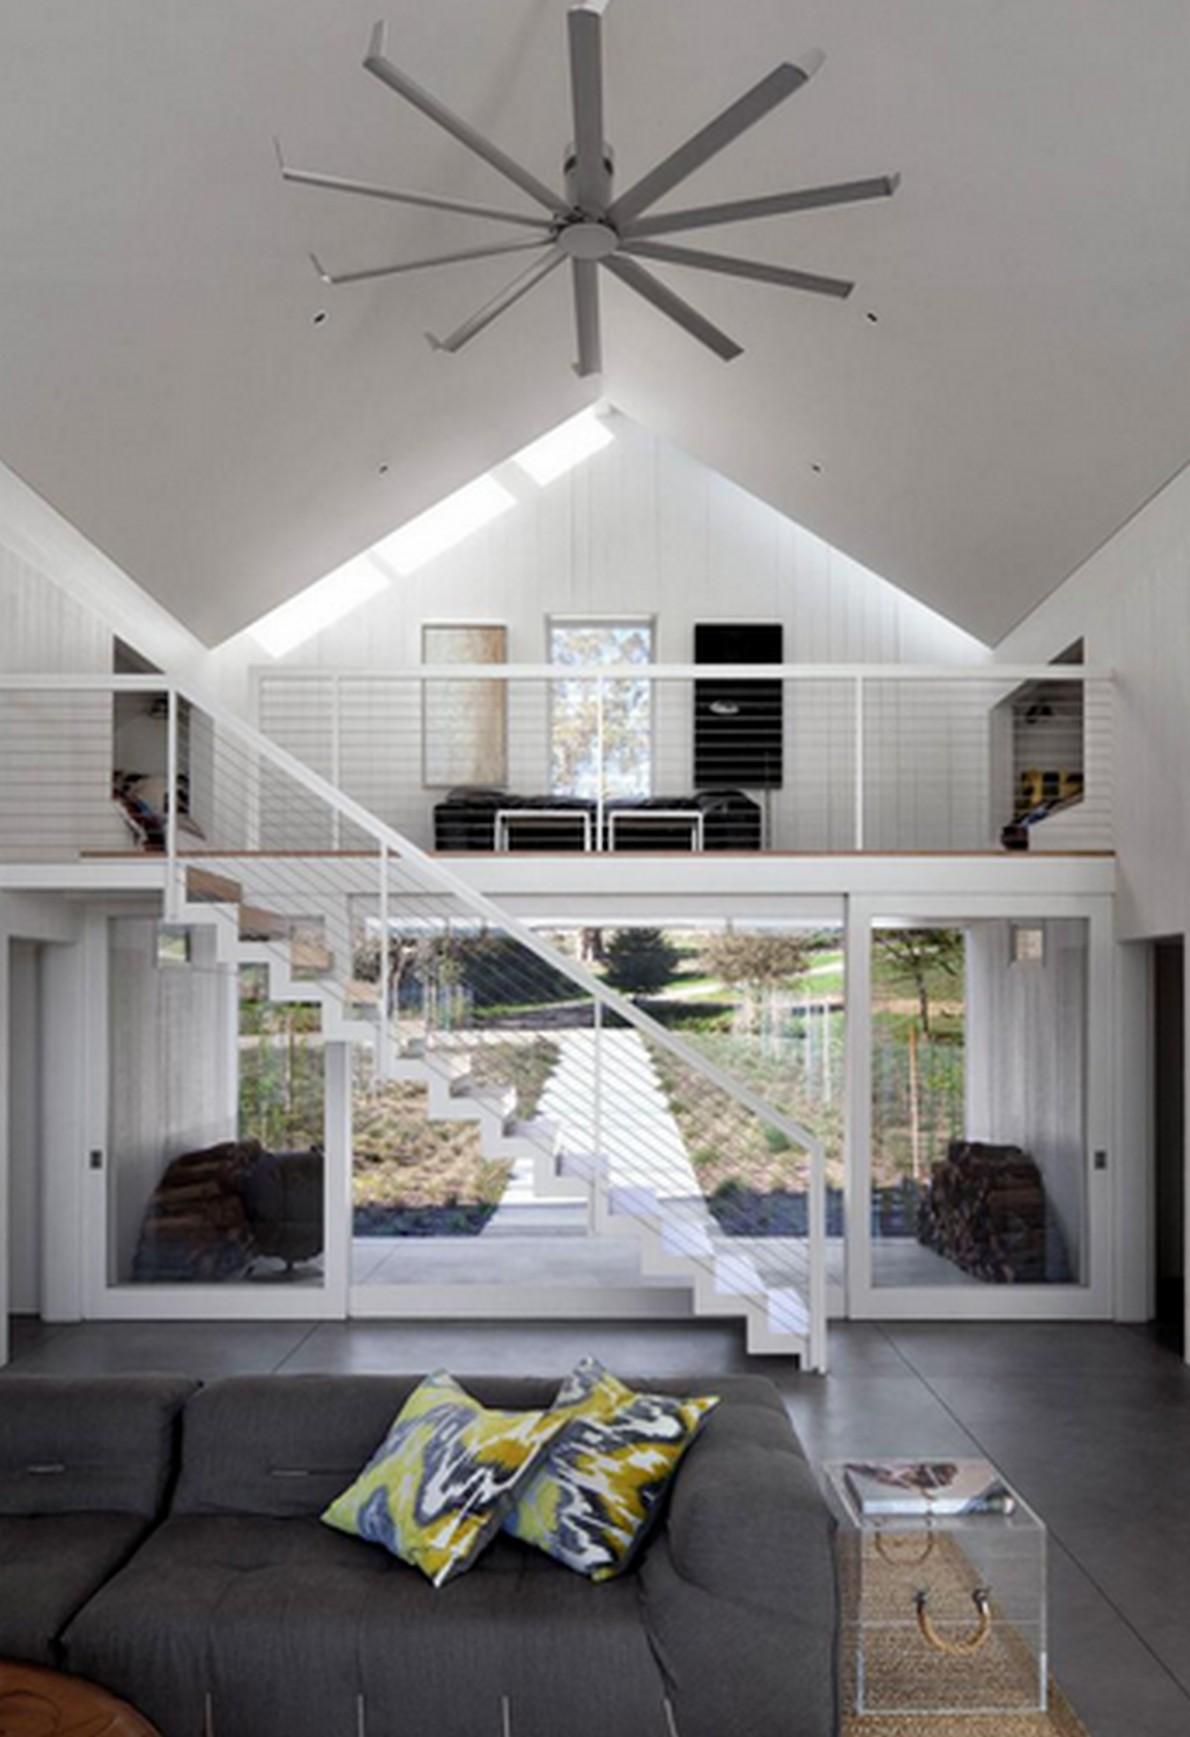 L incredibile trasformazione di un fienile in una casa - Casa ecologica autosufficiente ...